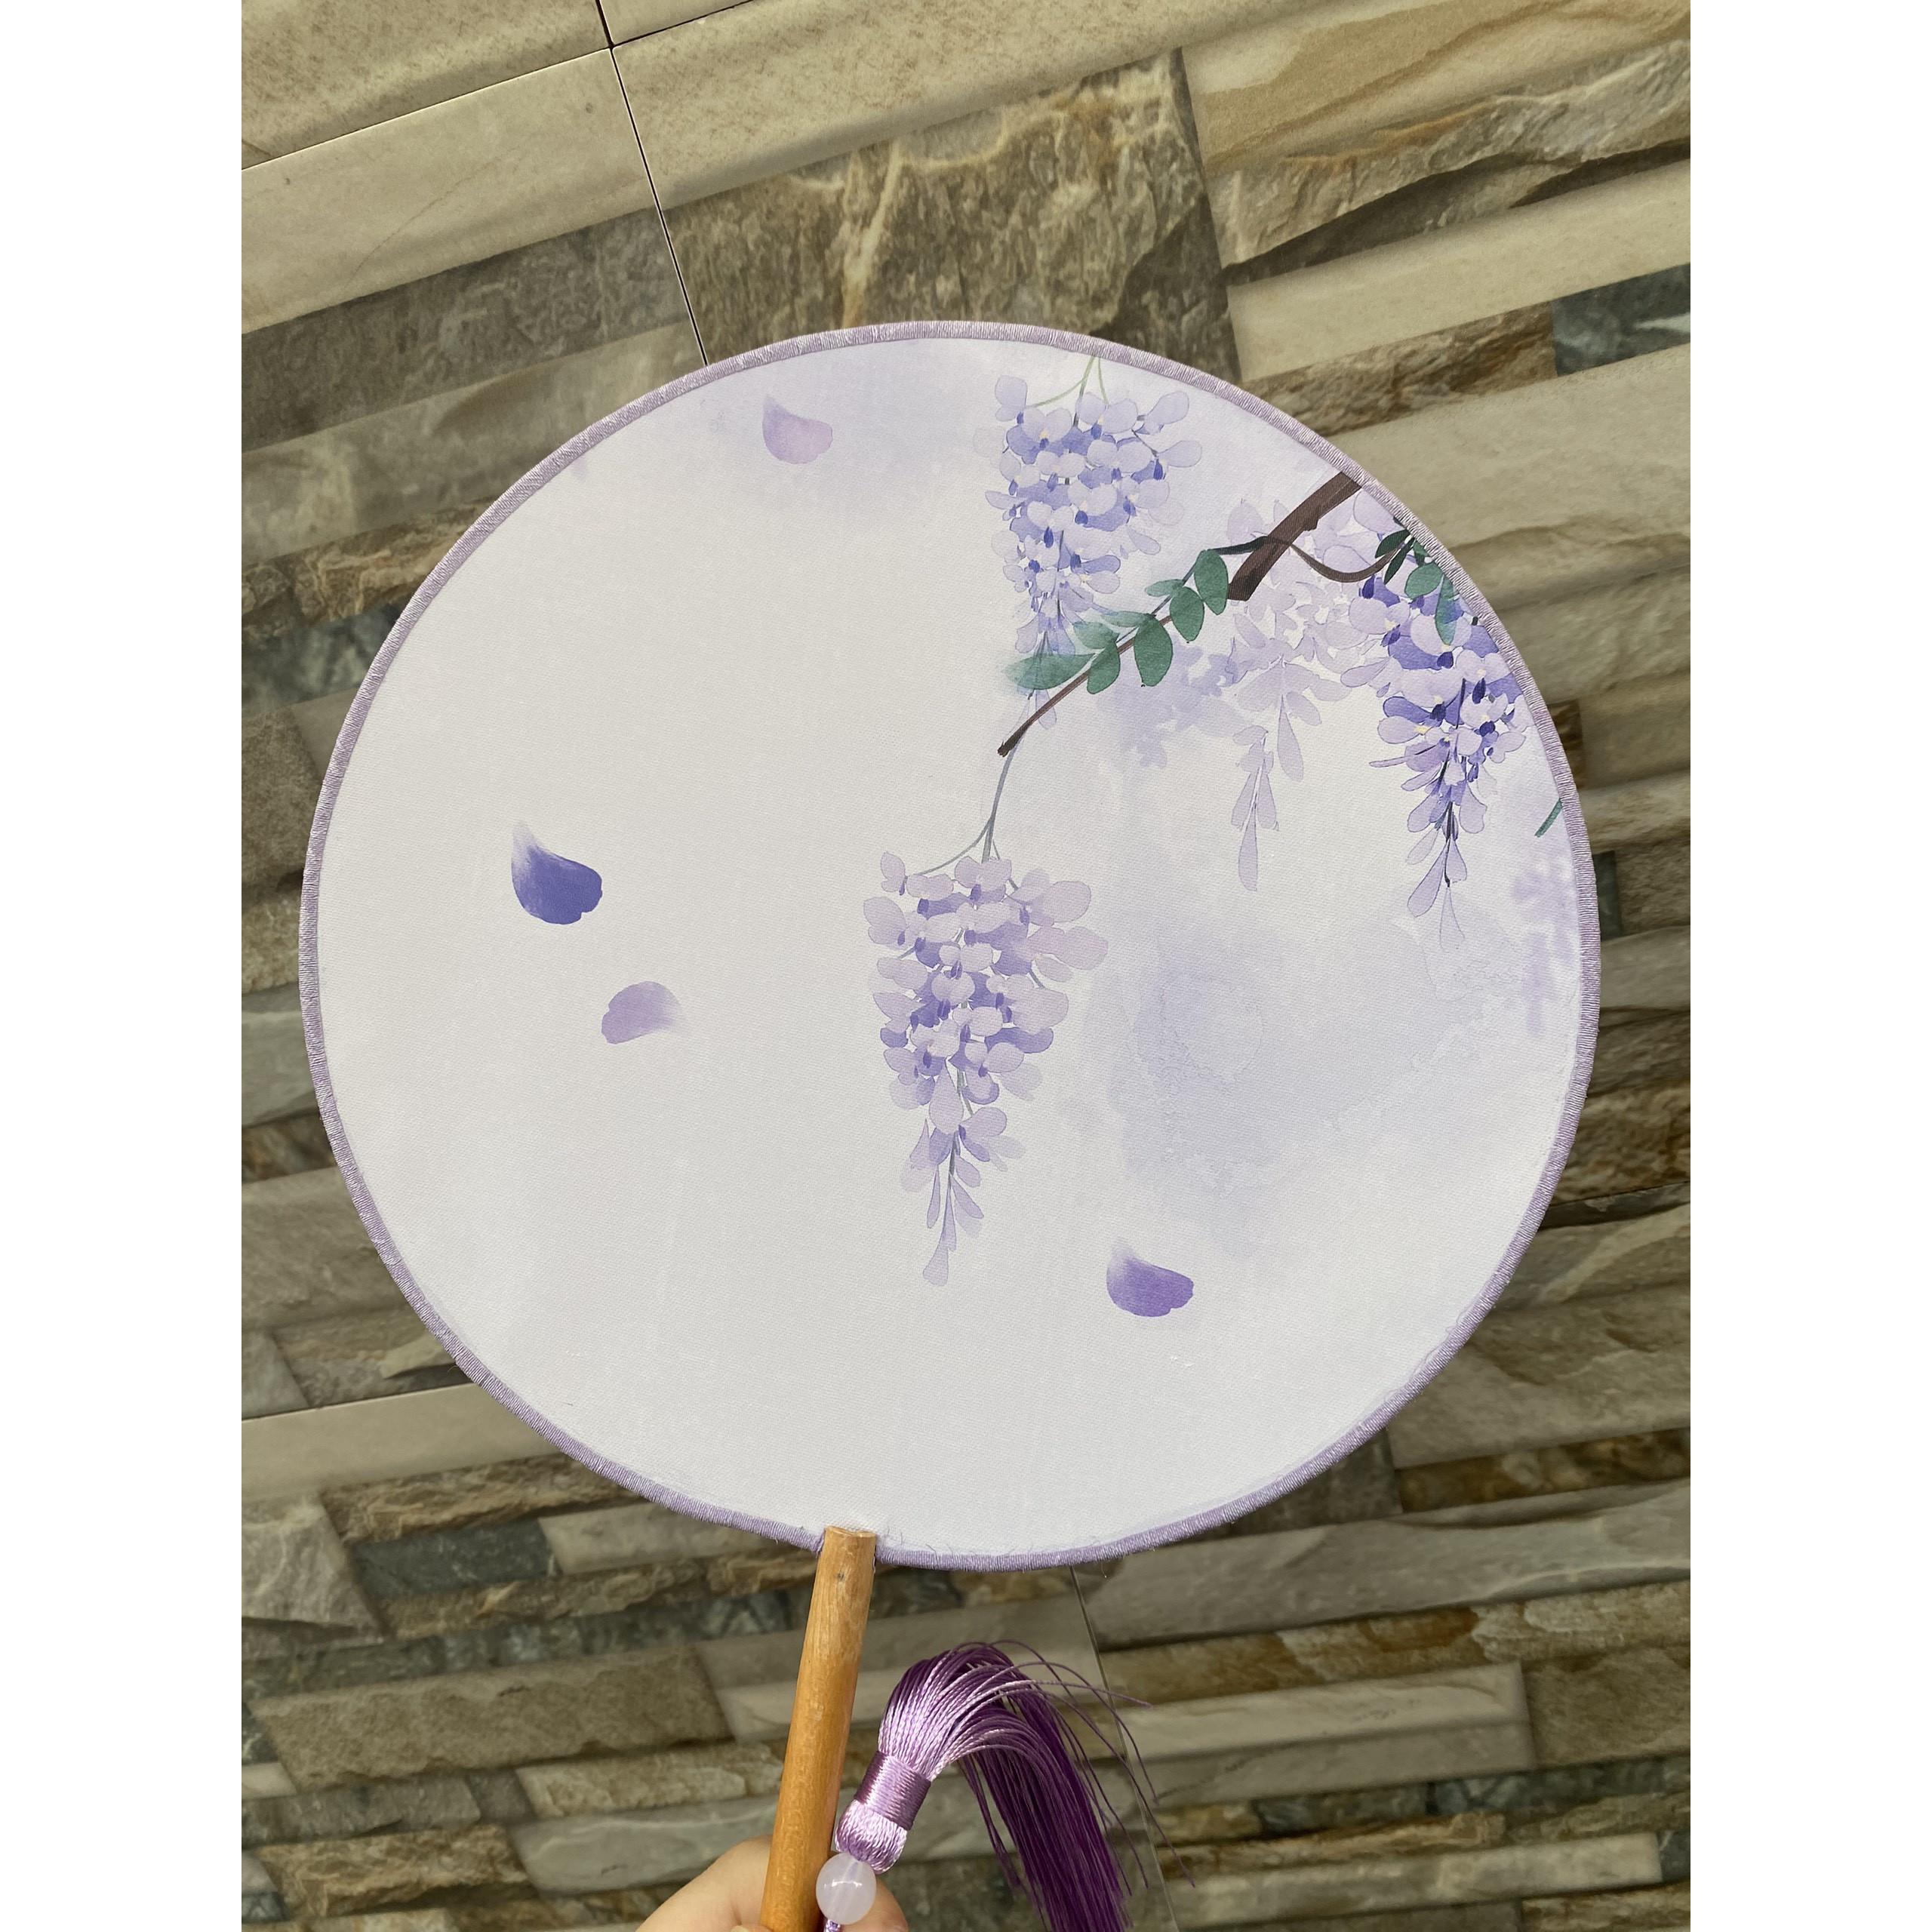 ( M65 ) Quạt tròn cổ trang cầm tay cán dài in hình TỬ ĐINH HƯƠNG gắn dây tuyến cosplay xinh xắn